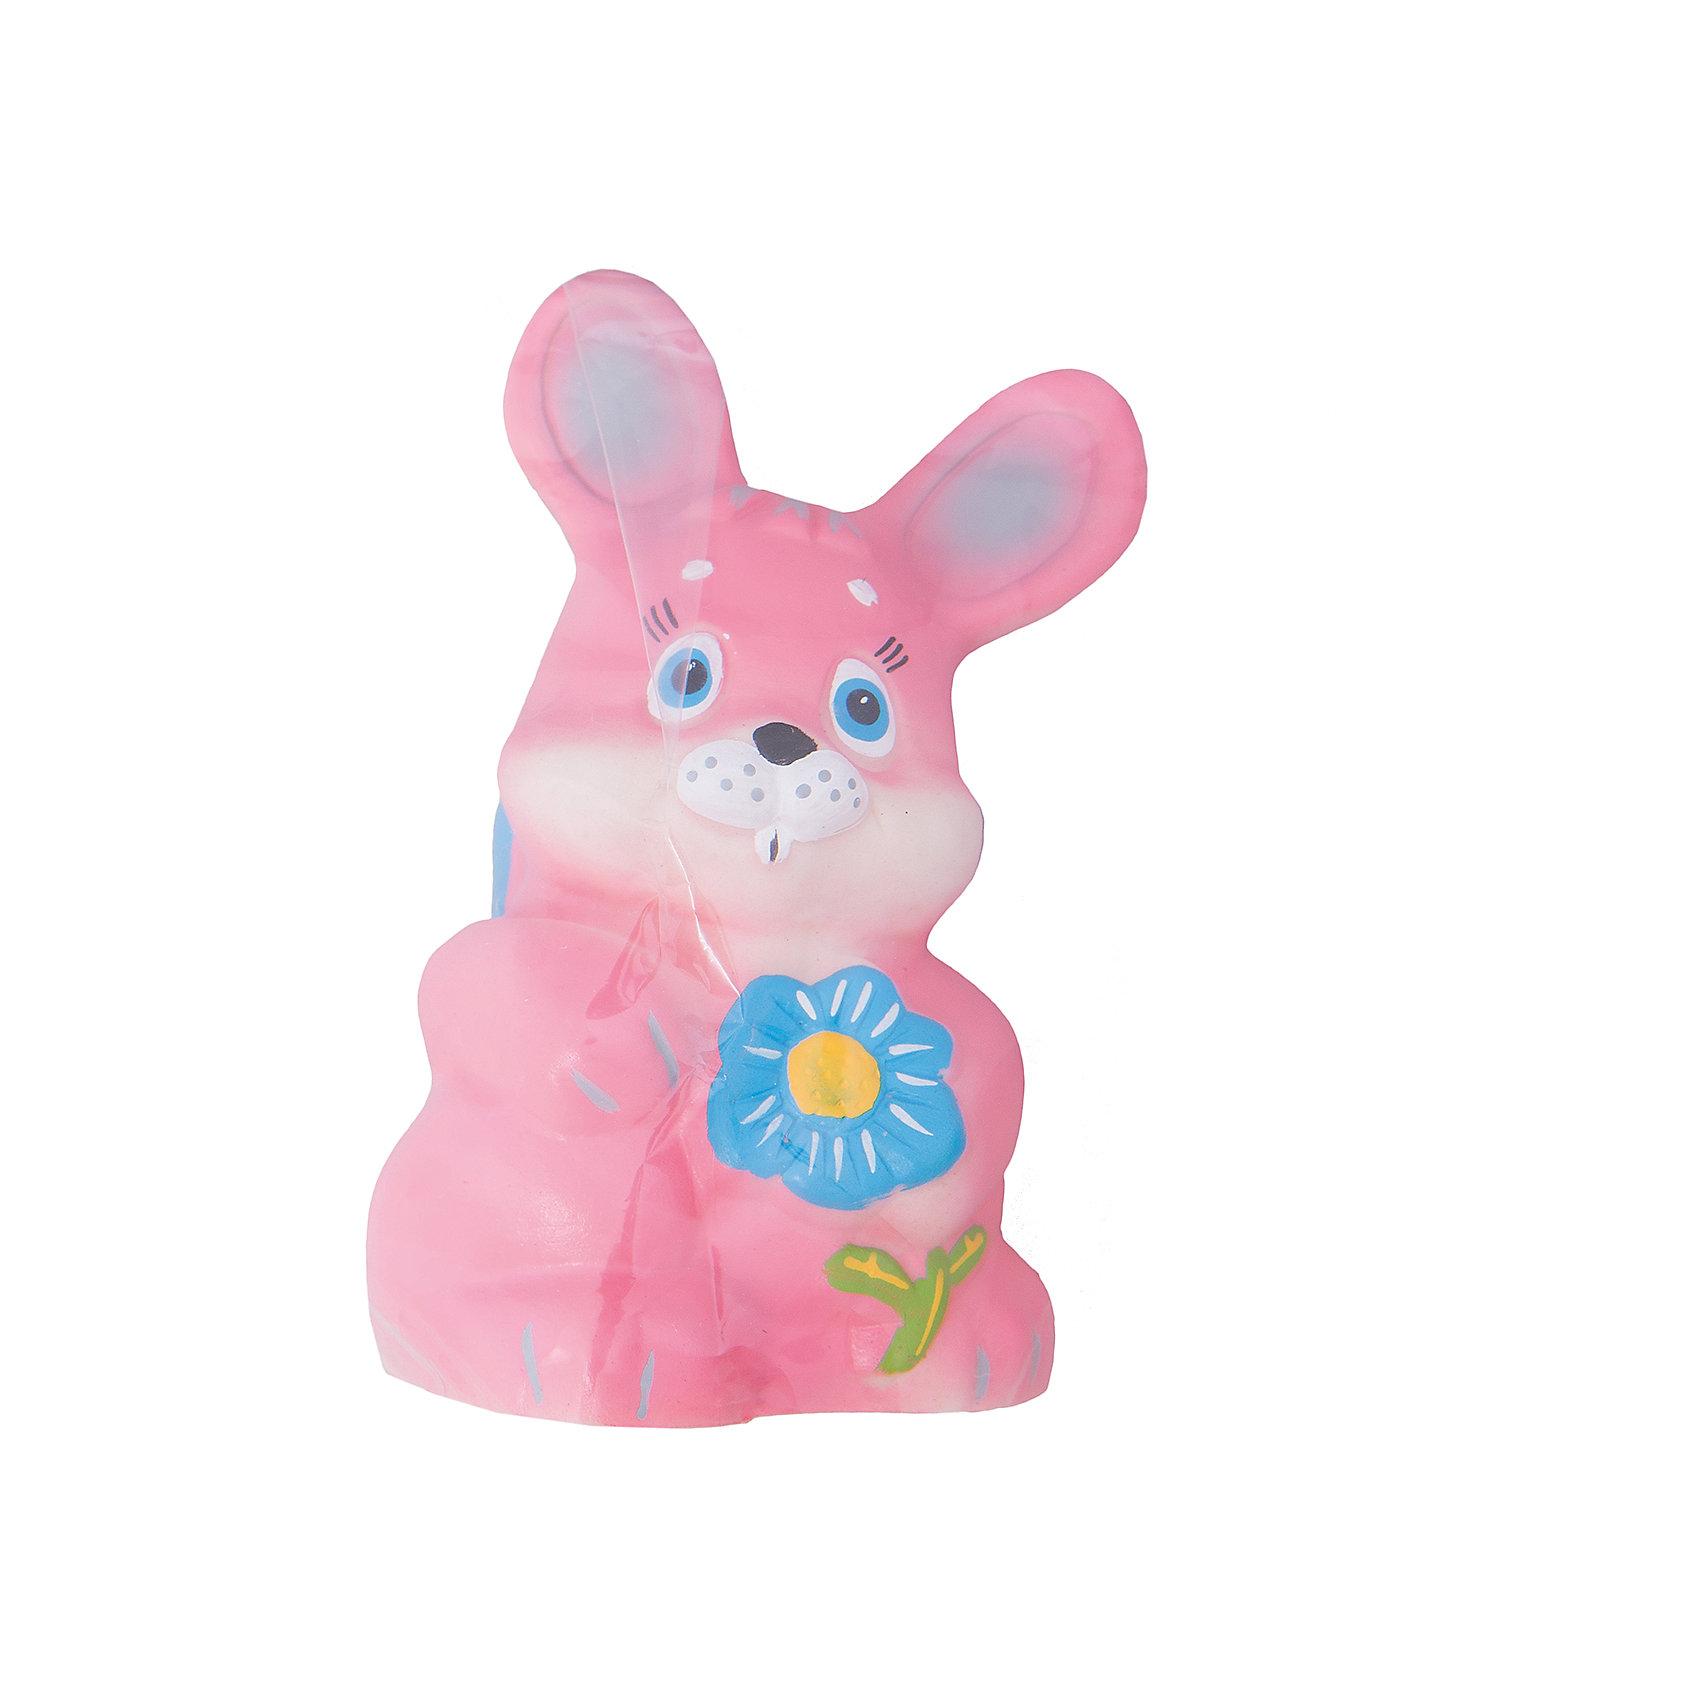 Зайка Лапочка, КудесникиИгрушки для ванной<br>Зайка Лапочка, Кудесники<br><br>Характеристики:<br><br>• Материал: ПВХ.<br>• Размер: 5х6 х14,5см.<br><br>Отличная игрушка из мягкого ПВХ надолго займет внимание вашего малыша. Эта игрушка поможет малышу при прорезывании зубов, поможет развивать моторику рук, знакомить с формой, цветом, образами также с ней можно забавно поиграть в ванной. Яркий образ нежного забавного зайки поможет ребенку придумывать различные сюжетно-ролевые игры.<br><br>Зайку Лапочку, Кудесники, можно купить в нашем интернет – магазине.<br><br>Ширина мм: 50<br>Глубина мм: 60<br>Высота мм: 145<br>Вес г: 108<br>Возраст от месяцев: 12<br>Возраст до месяцев: 36<br>Пол: Унисекс<br>Возраст: Детский<br>SKU: 4896478